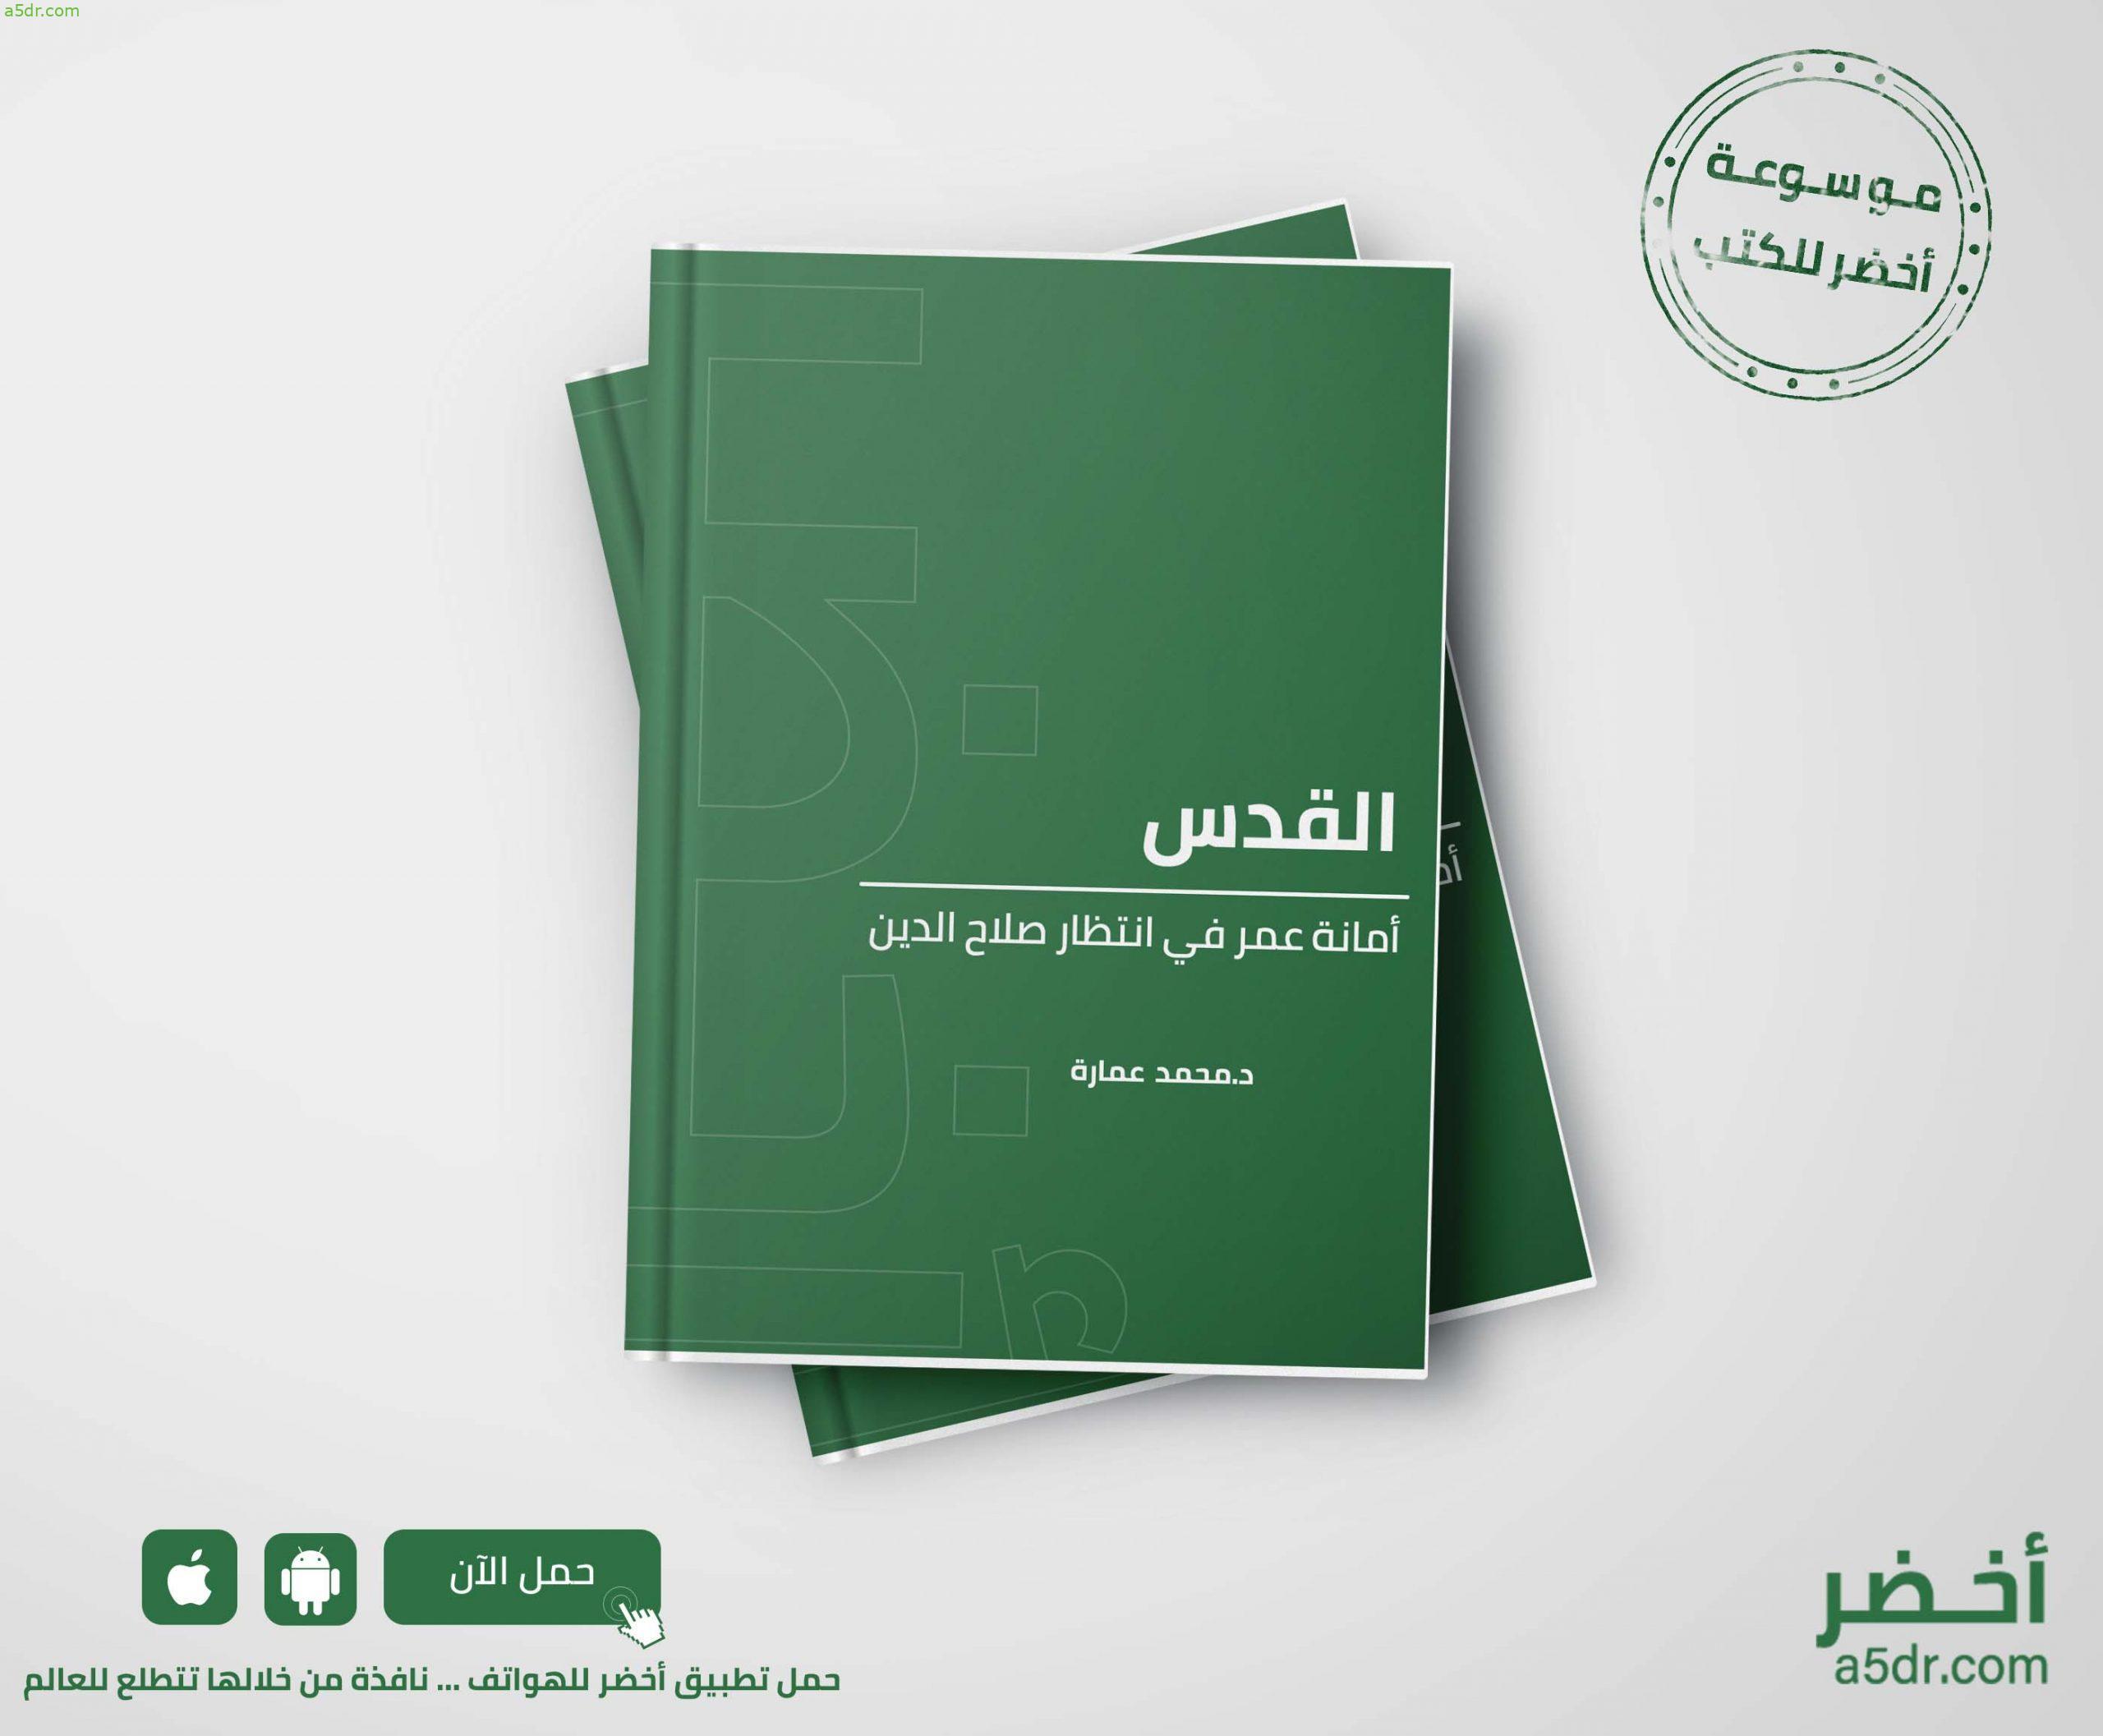 كتاب القدس: أمانة عمر فى انتظار صلاح الدين - محمد عمارة